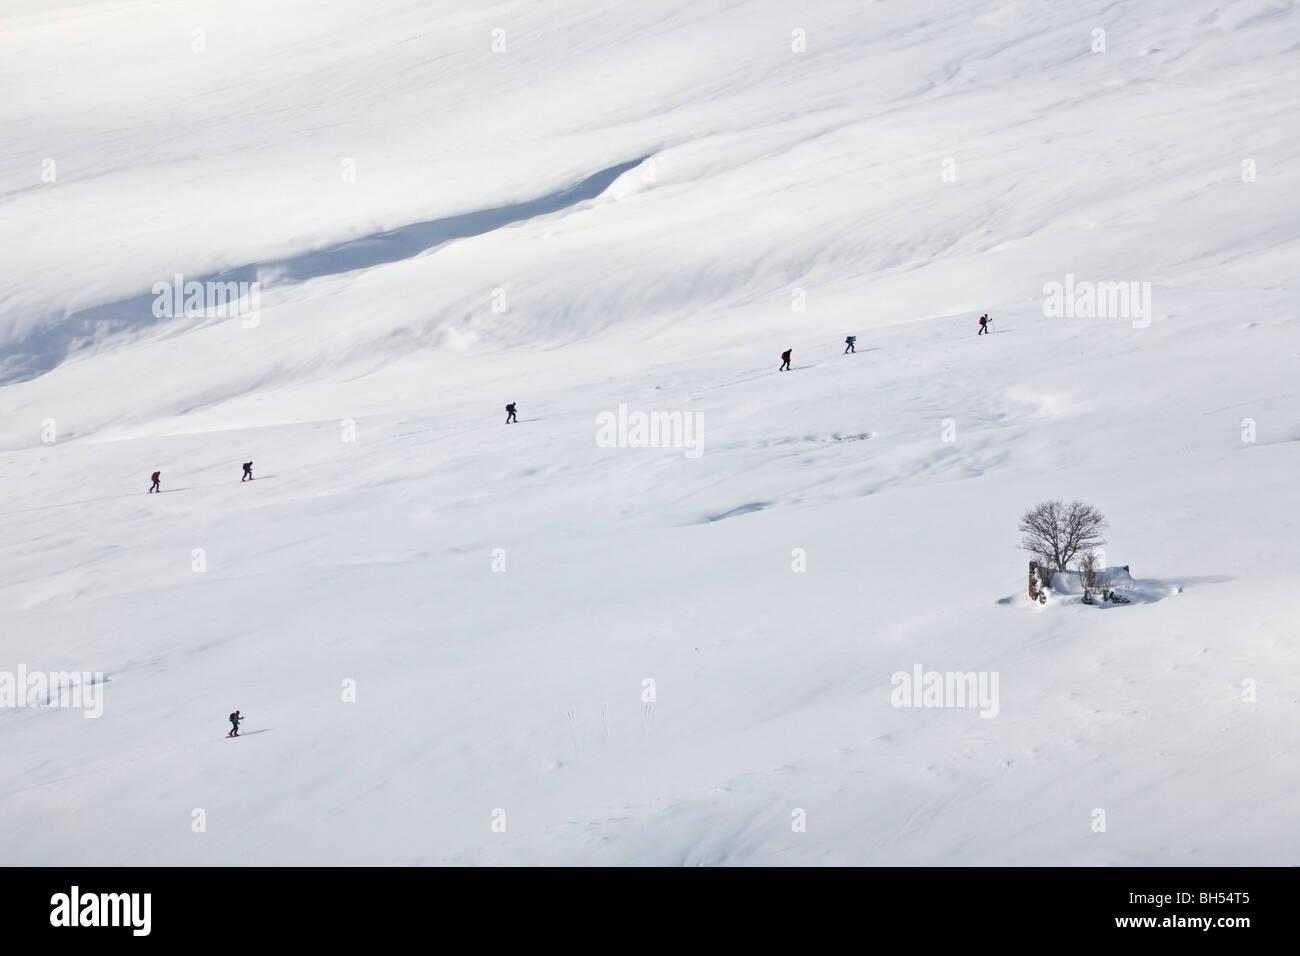 Un groupe de randonneurs en raquettes balade en ligne en hiver (d'Auvergne). Groupe de randonneurs se déplaçant Photo Stock